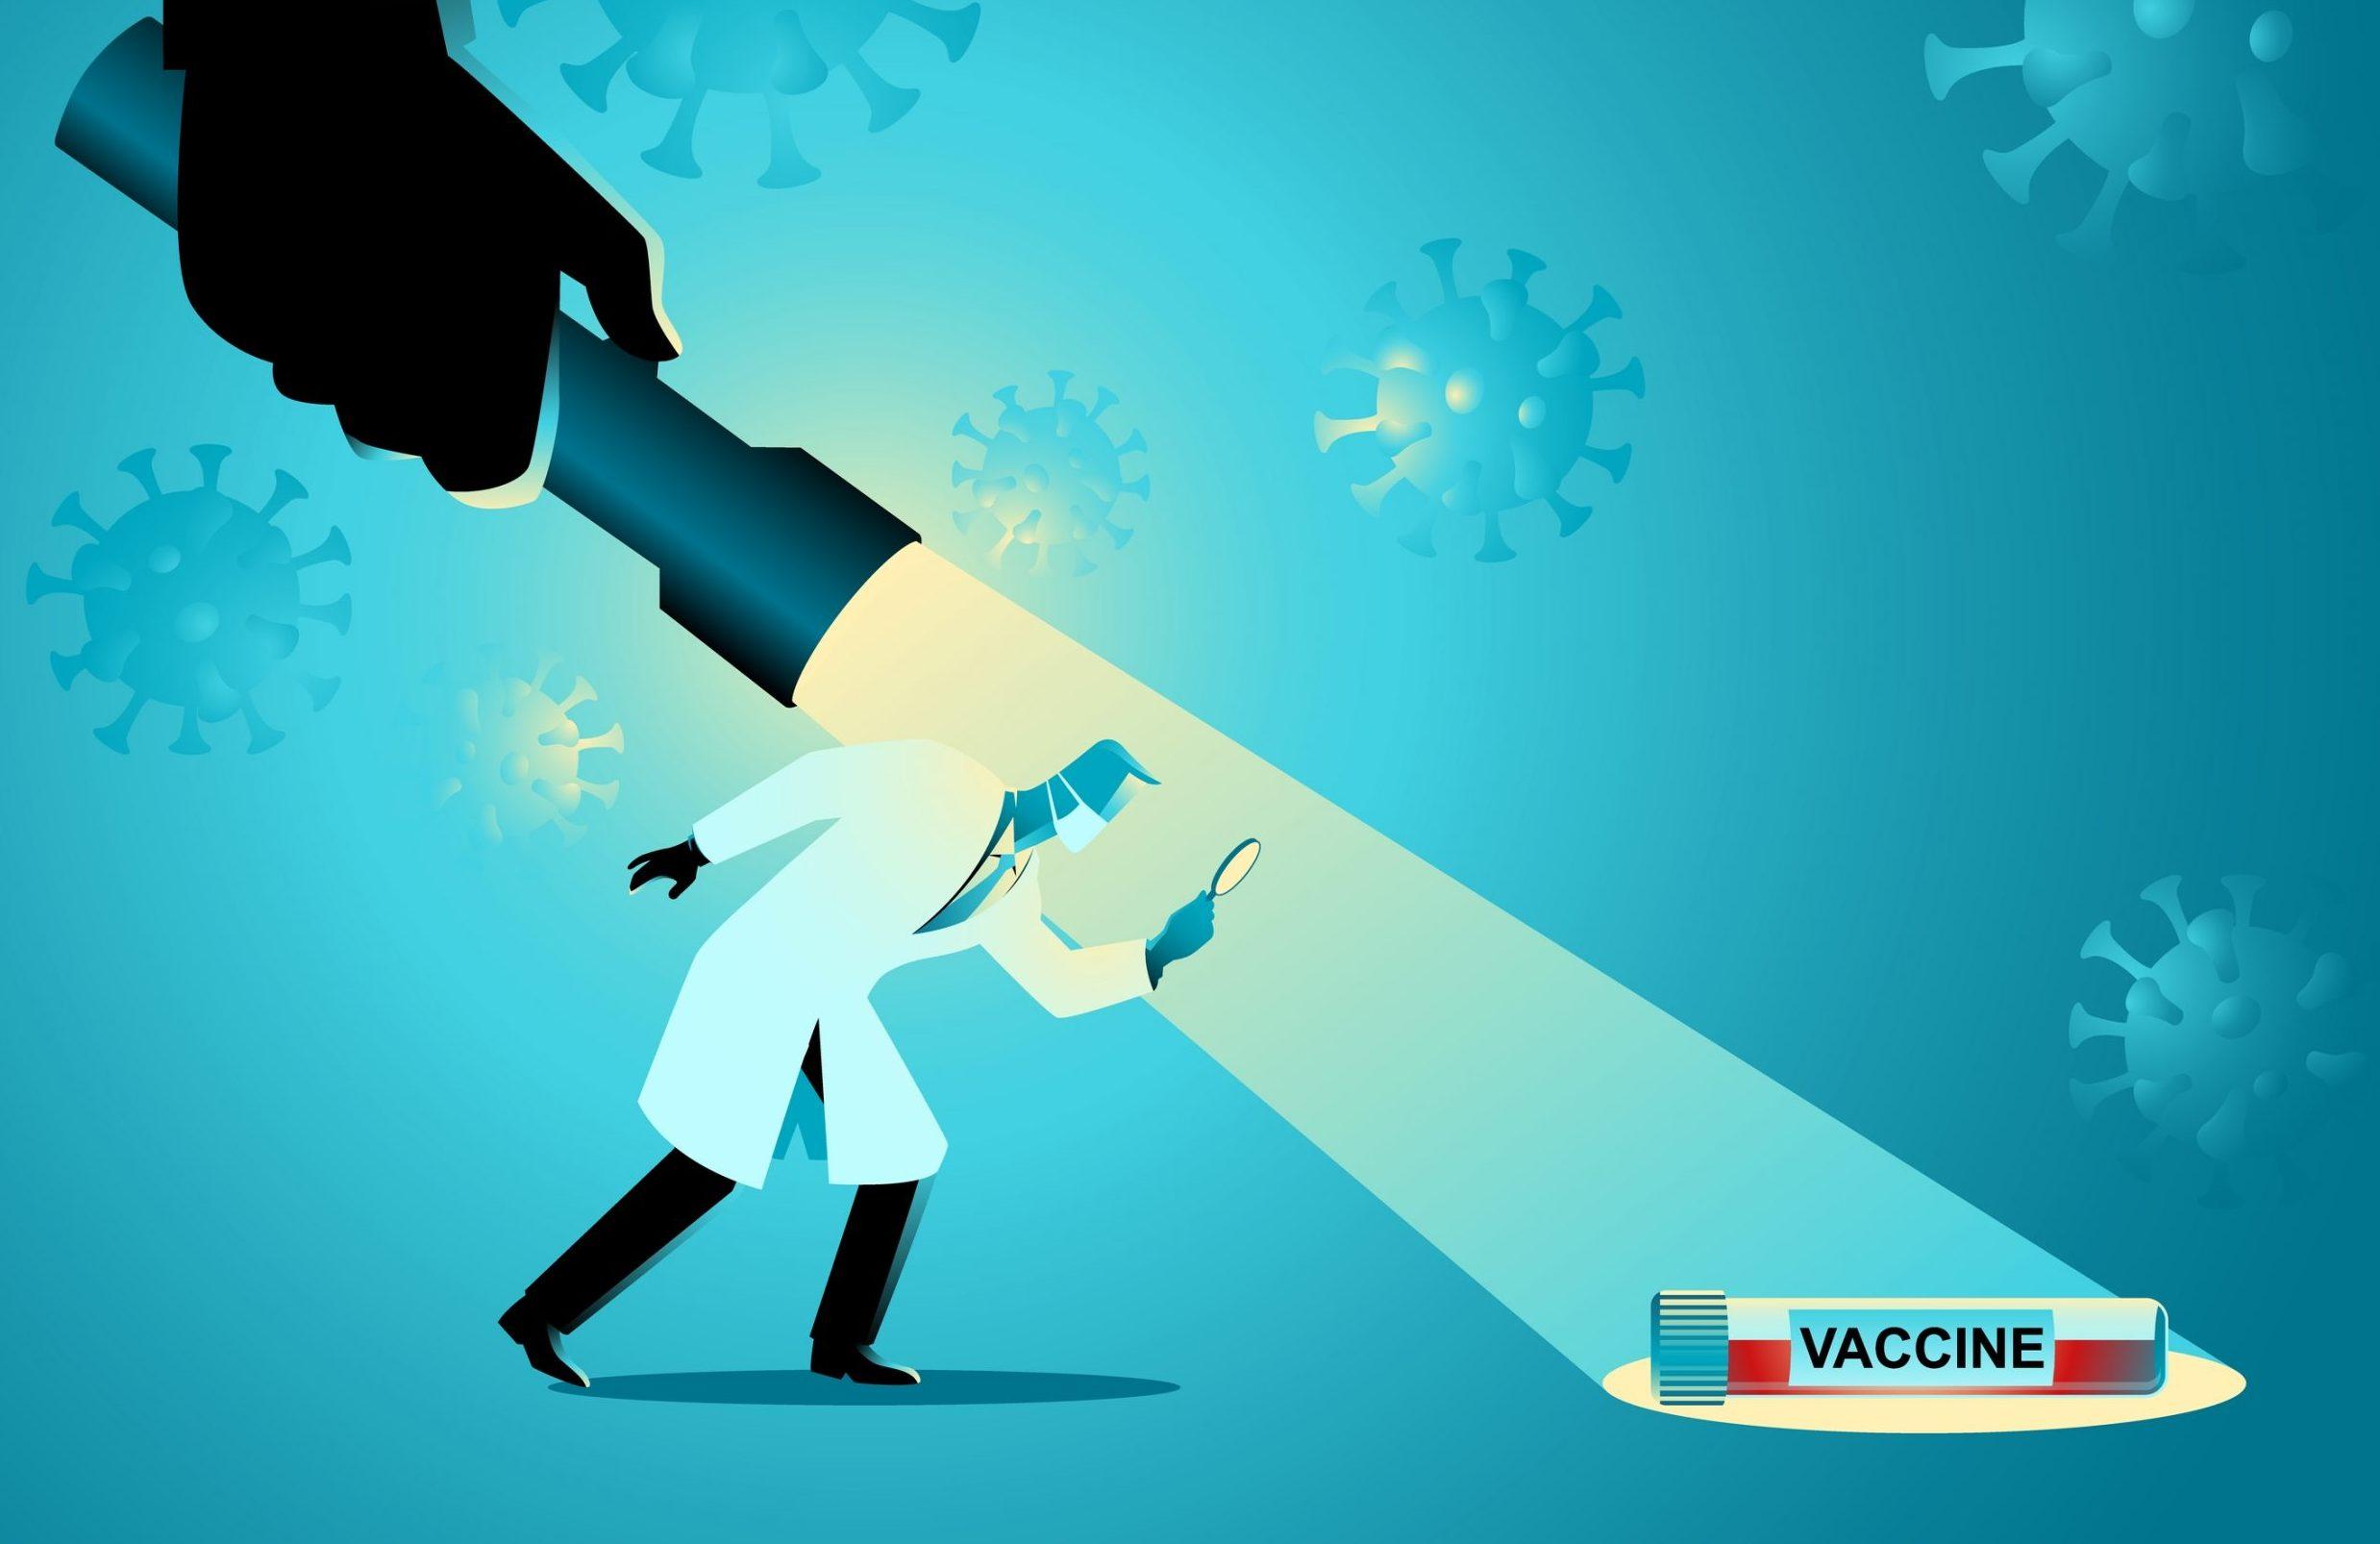 comparație vaccinuri anti-COVID